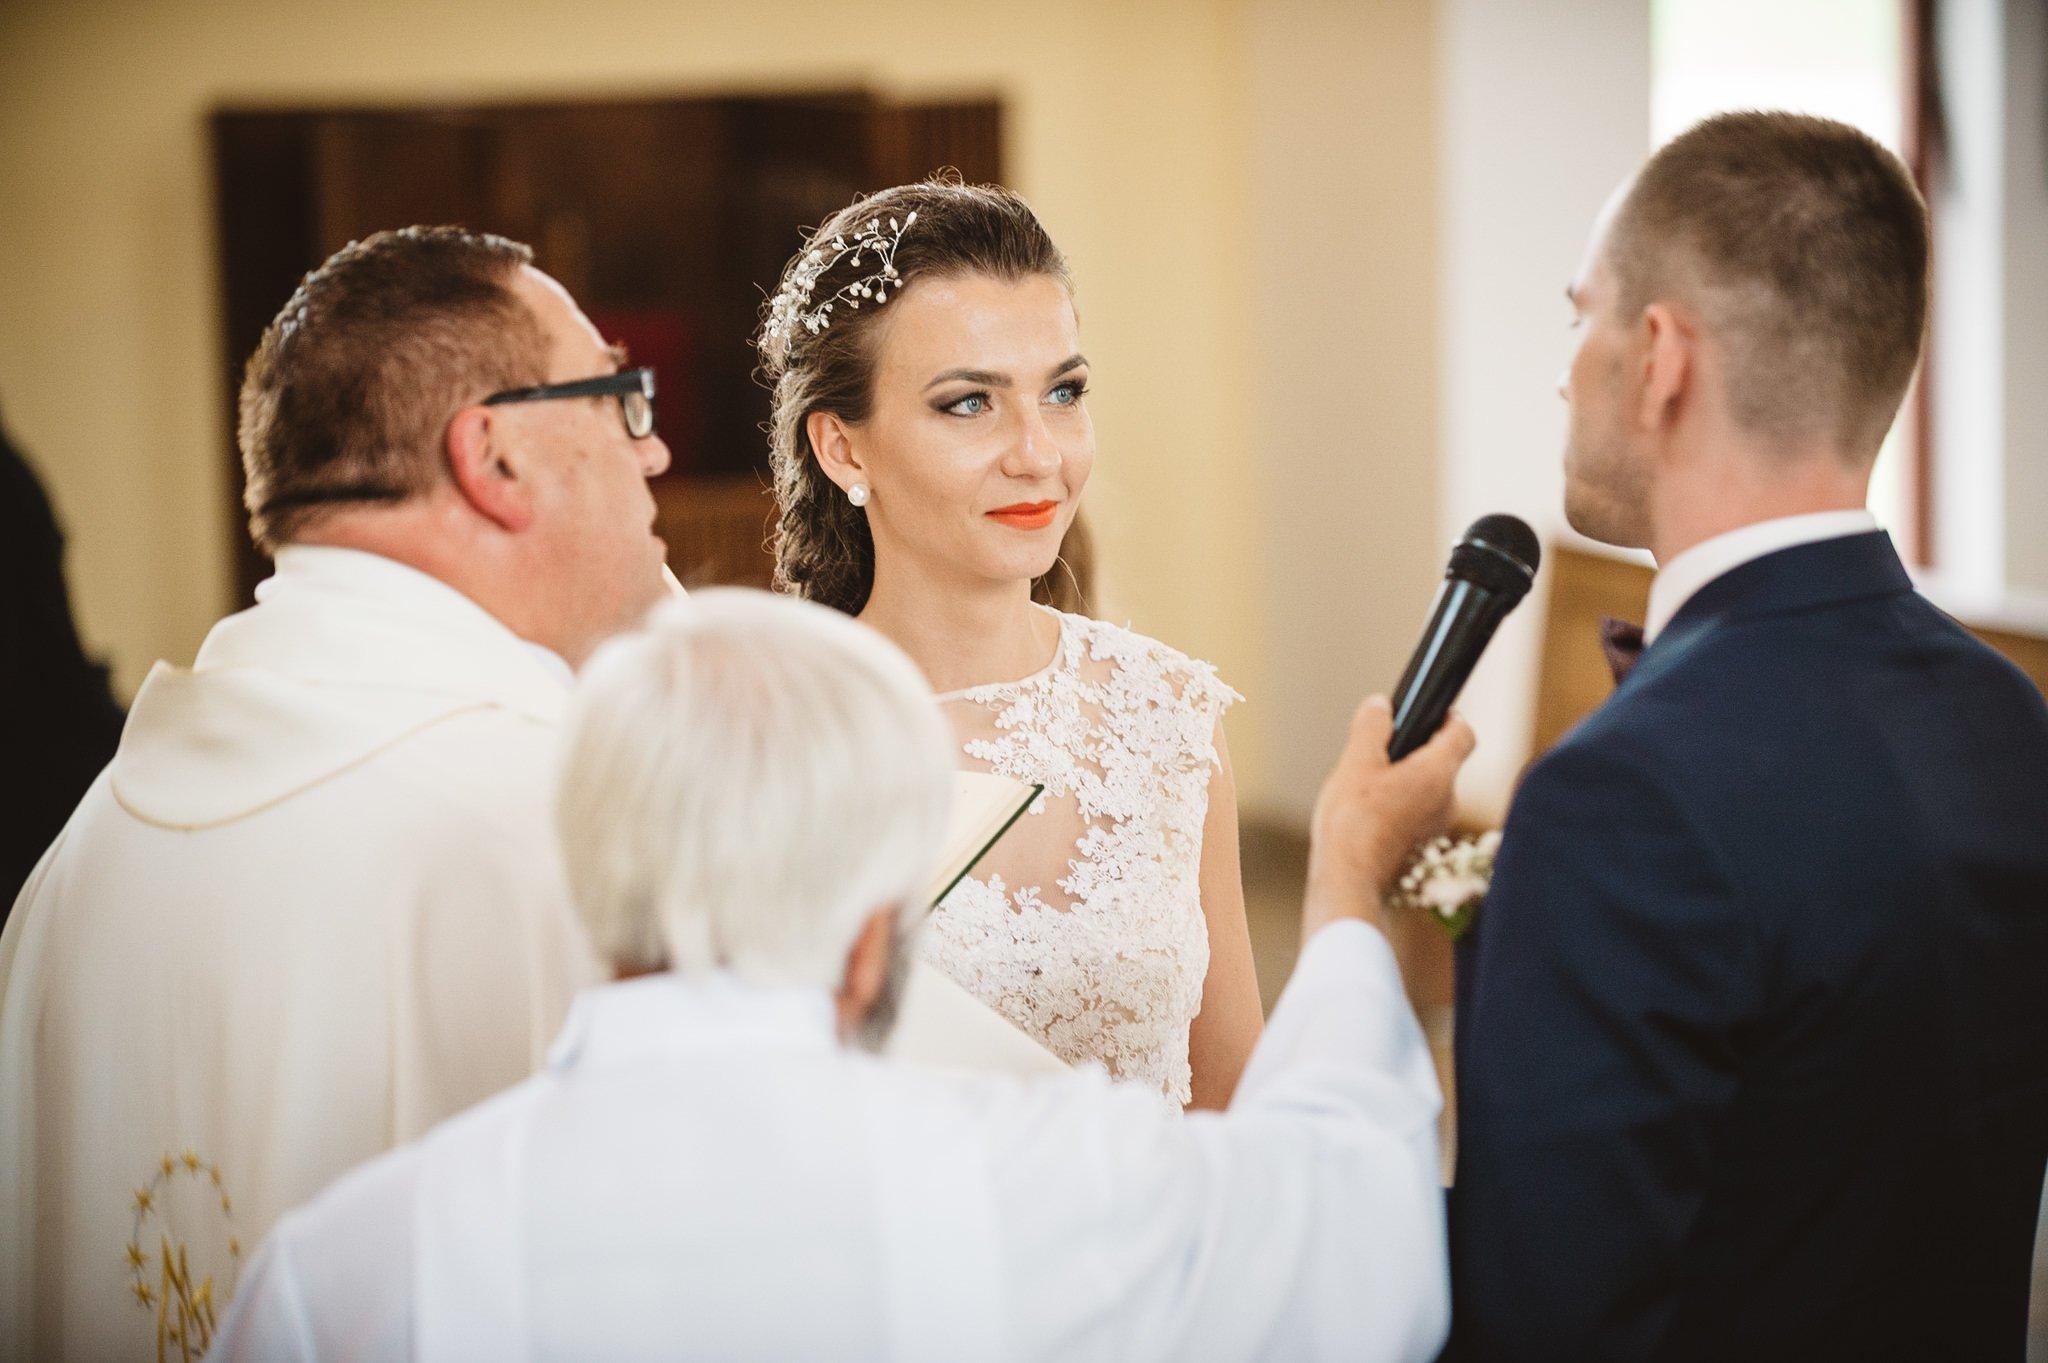 Ala i Arek, czyli jak zorganizować ślub i wesele w 4 tygodnie! 95